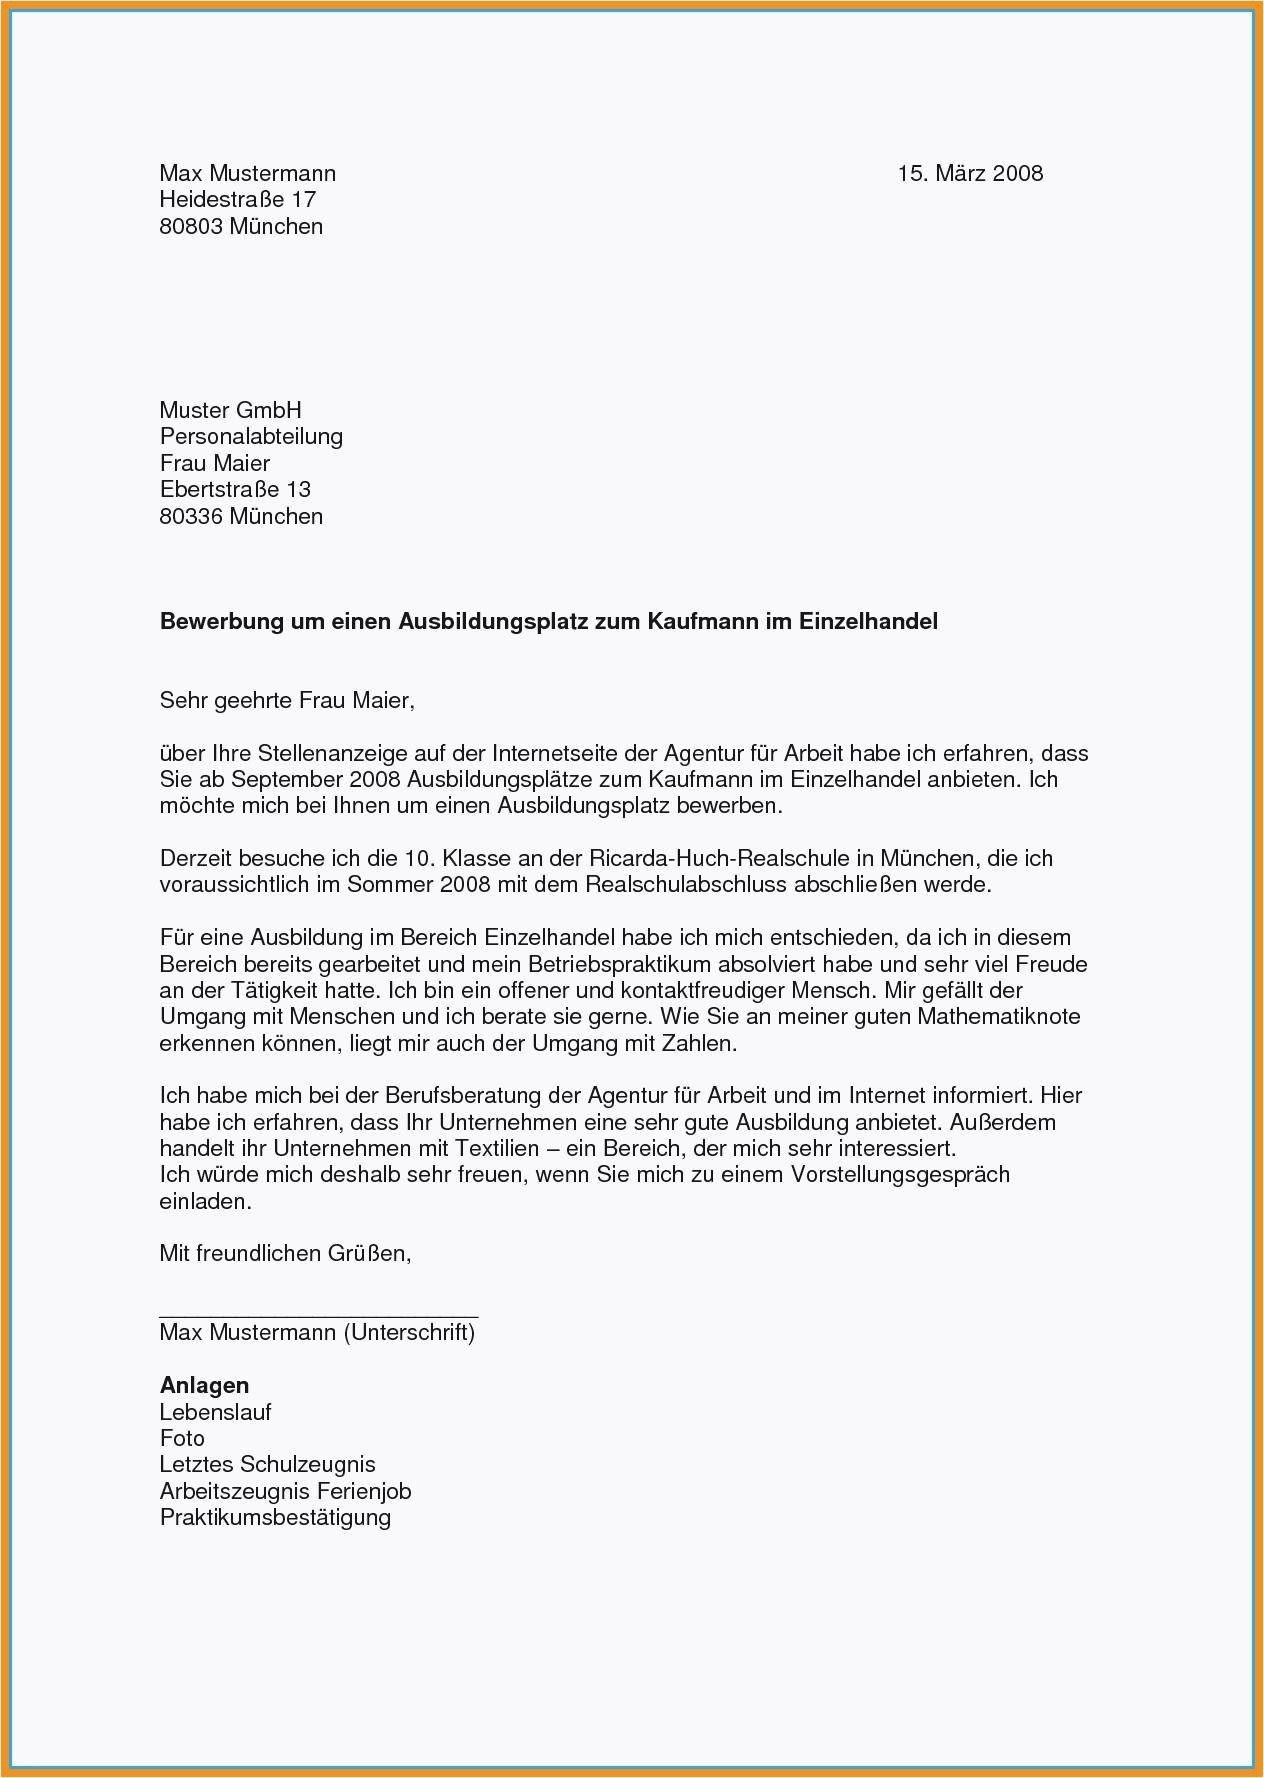 Frisch Bewerbungsvorlage Pdf Briefprobe Briefformat Briefvorlage Vorlagen Lebenslauf Lebenslauf Bewerbung Ausbildungsplatz